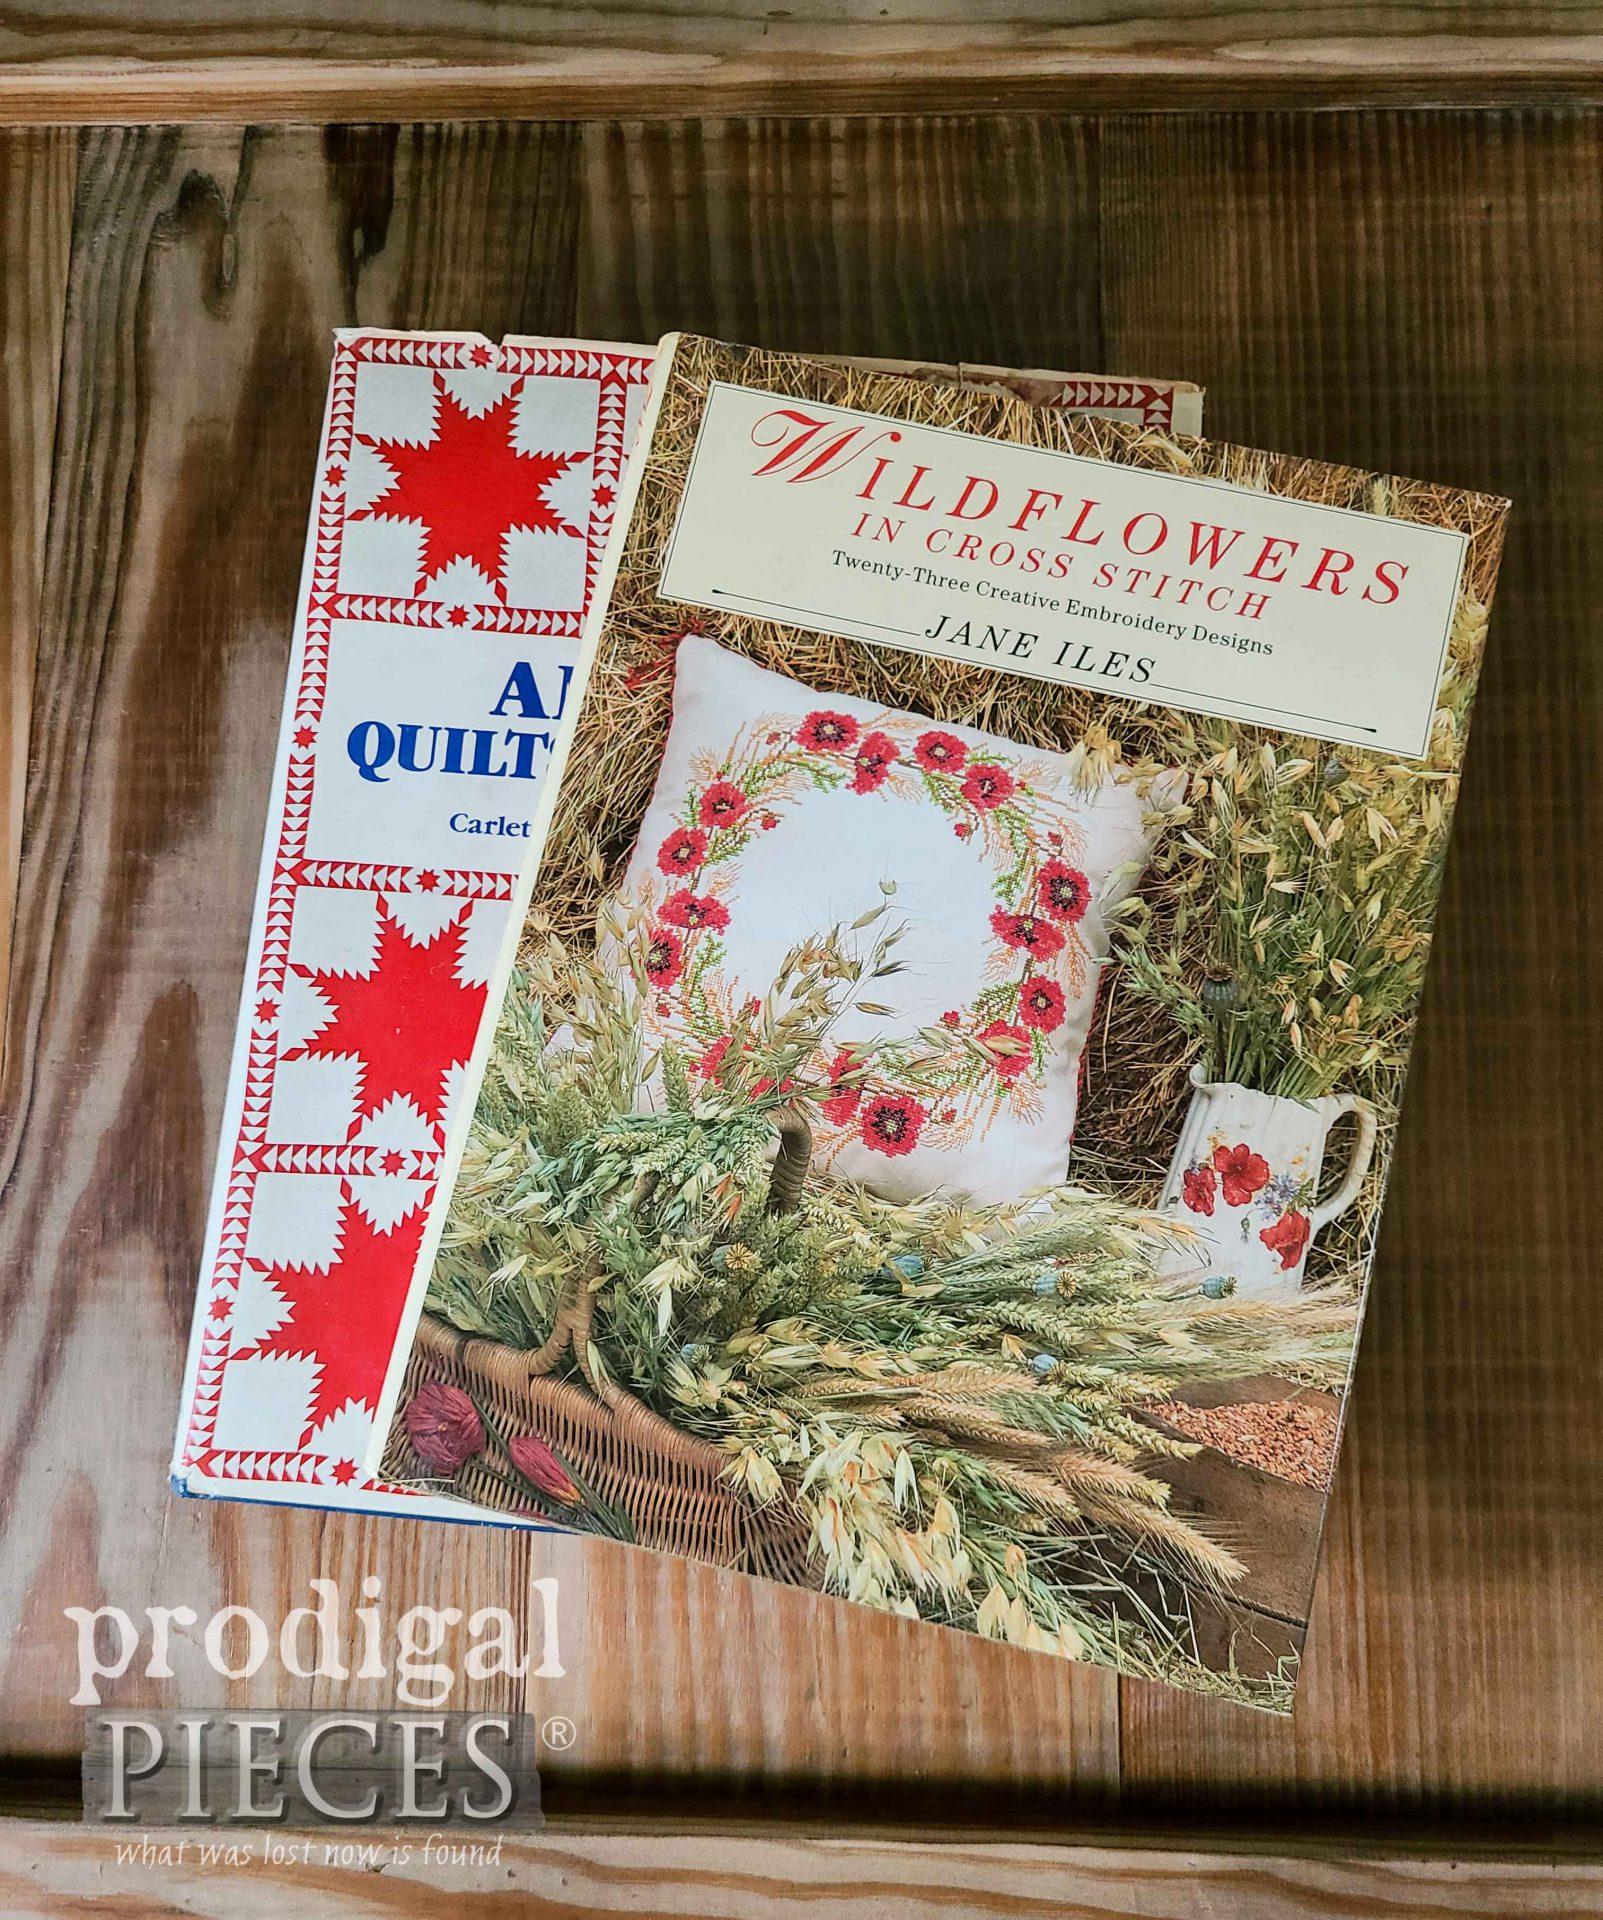 Vintage Textile Books | Prodigal Pieces | prodigalpieces.com #prodigalpieces #books